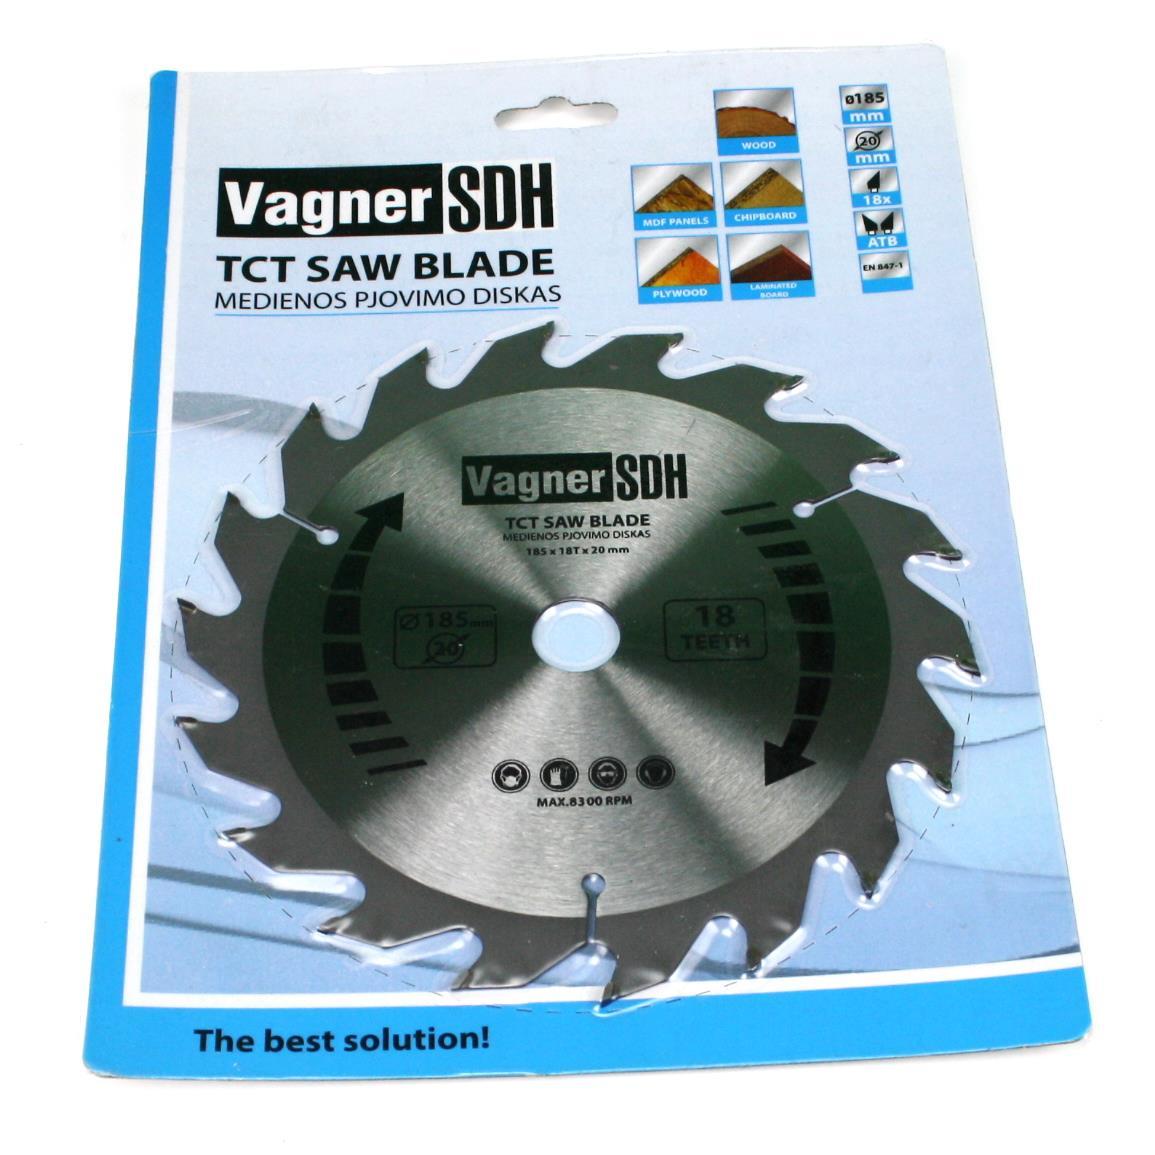 Sägeblatt 185mm Kreissägeblatt für Holz, 18 Zähne, Innen 20mm,Vagner SDH,51063988, 6941125231525